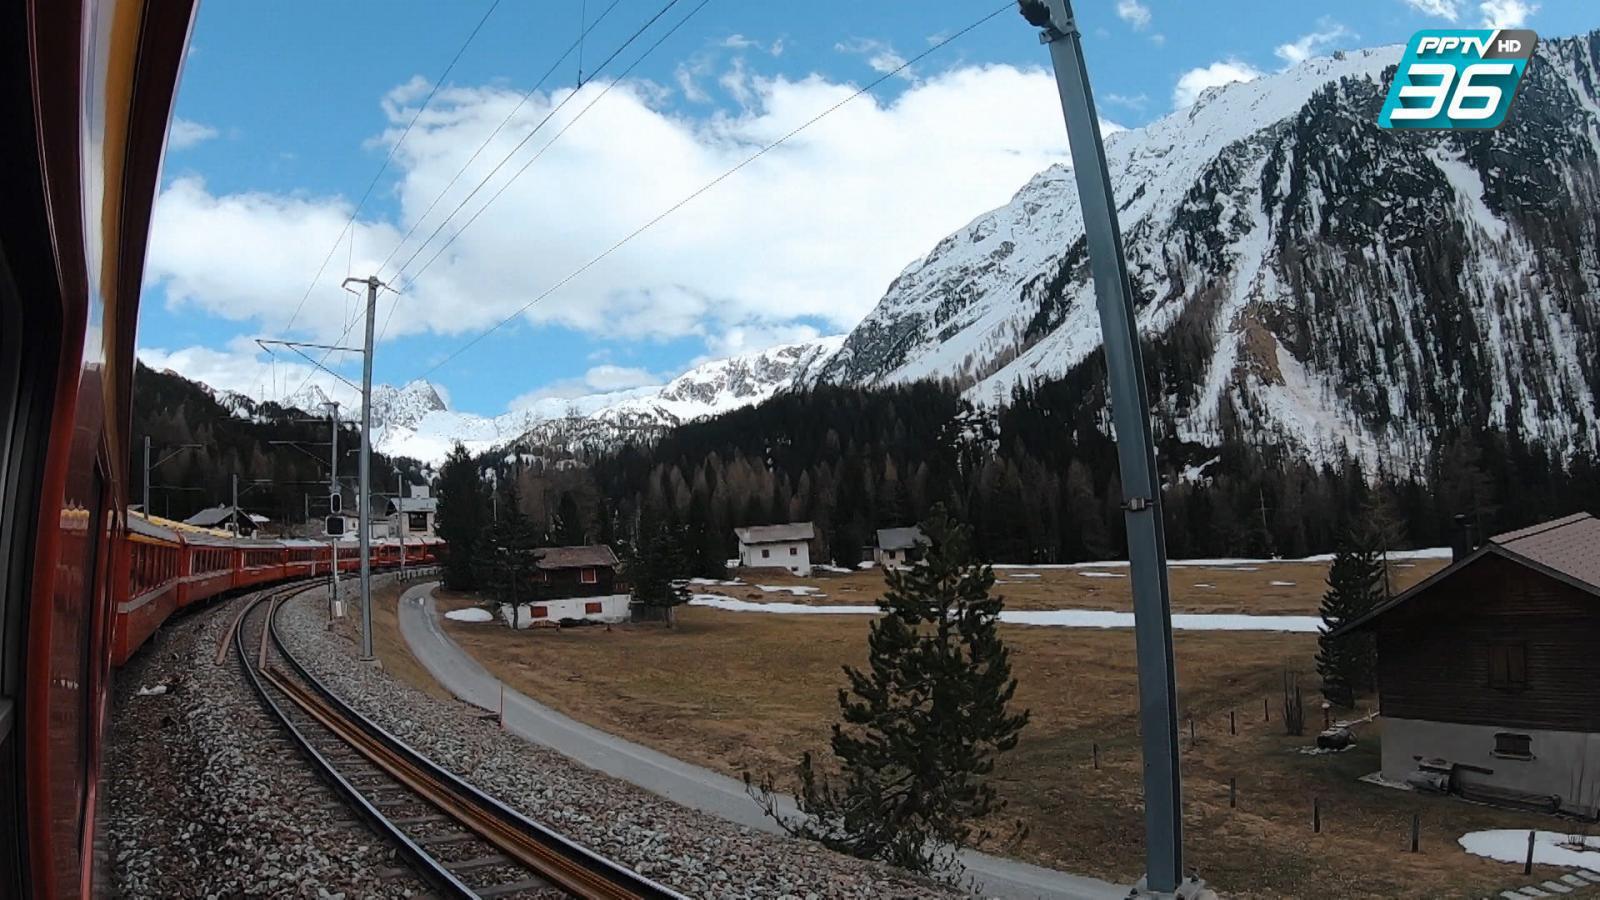 ดูเพลินๆ   สัมผัสเส้นทางรถไฟสายโรแมนติก อันดับ TOP 5 ของโลก    เที่ยวให้สุด สมุดโคจร EP.3